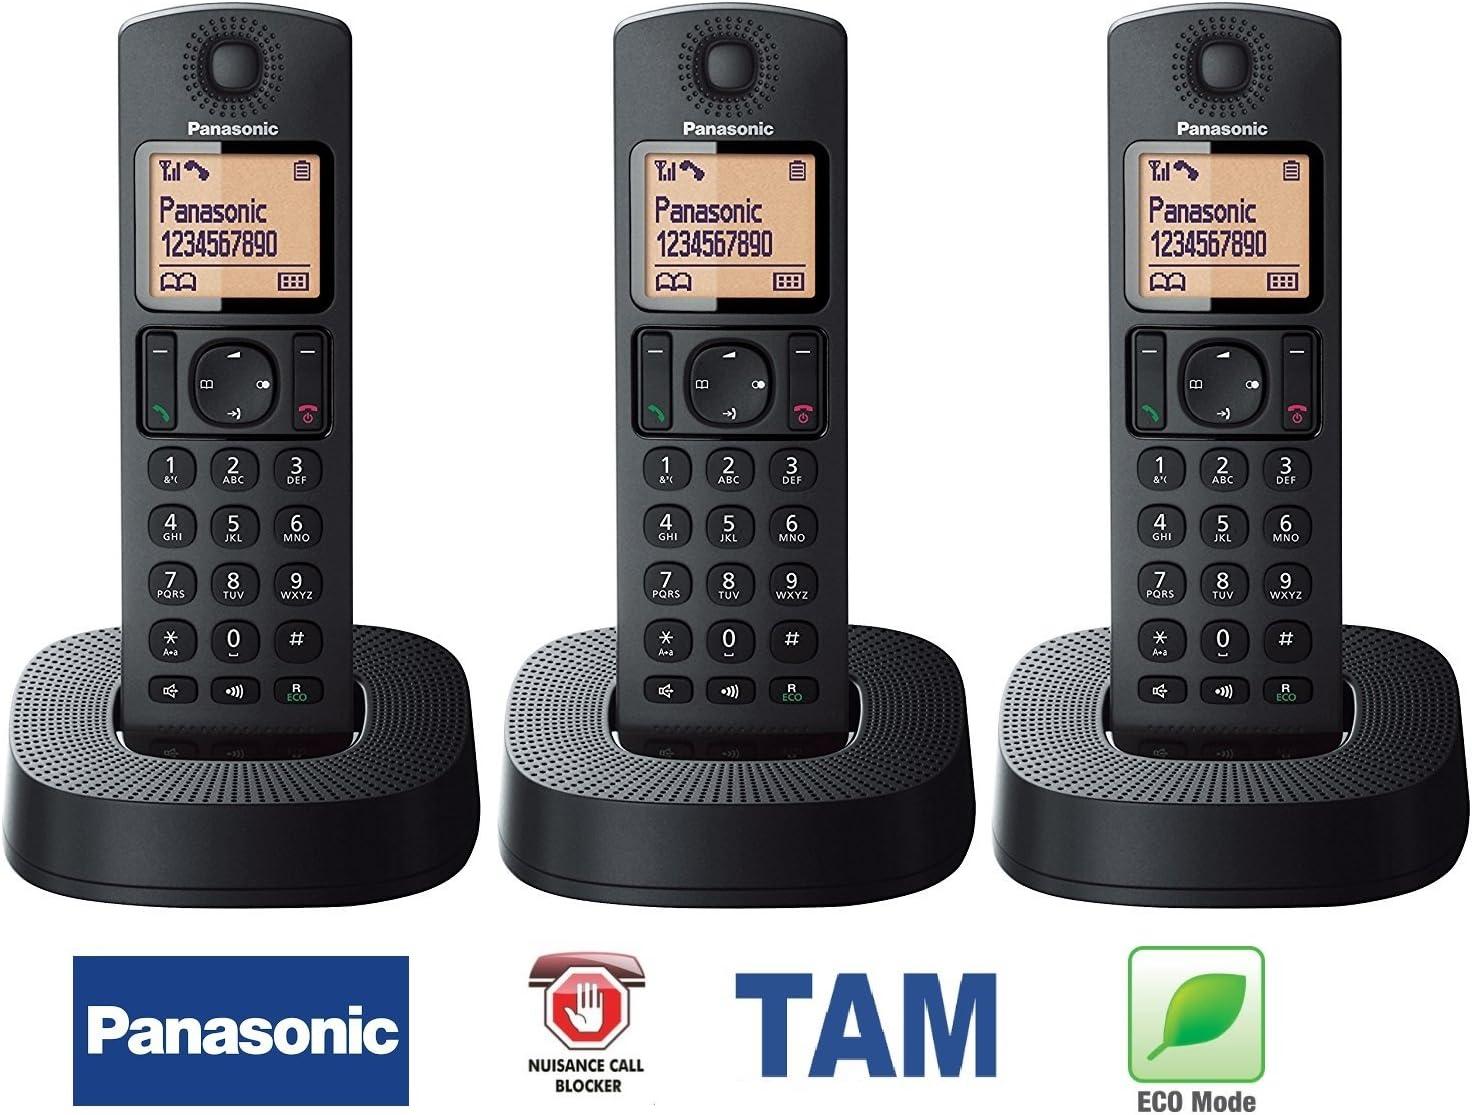 Auriculares digitales inalámbricos Panasonic KX-TGC 3 con sistema de respuesta telefónica y bloqueo de llamadas de nutrición, manos libres, altavoz, teléfono, alarma avanzada, color negro, pack de 3: Amazon.es: Electrónica